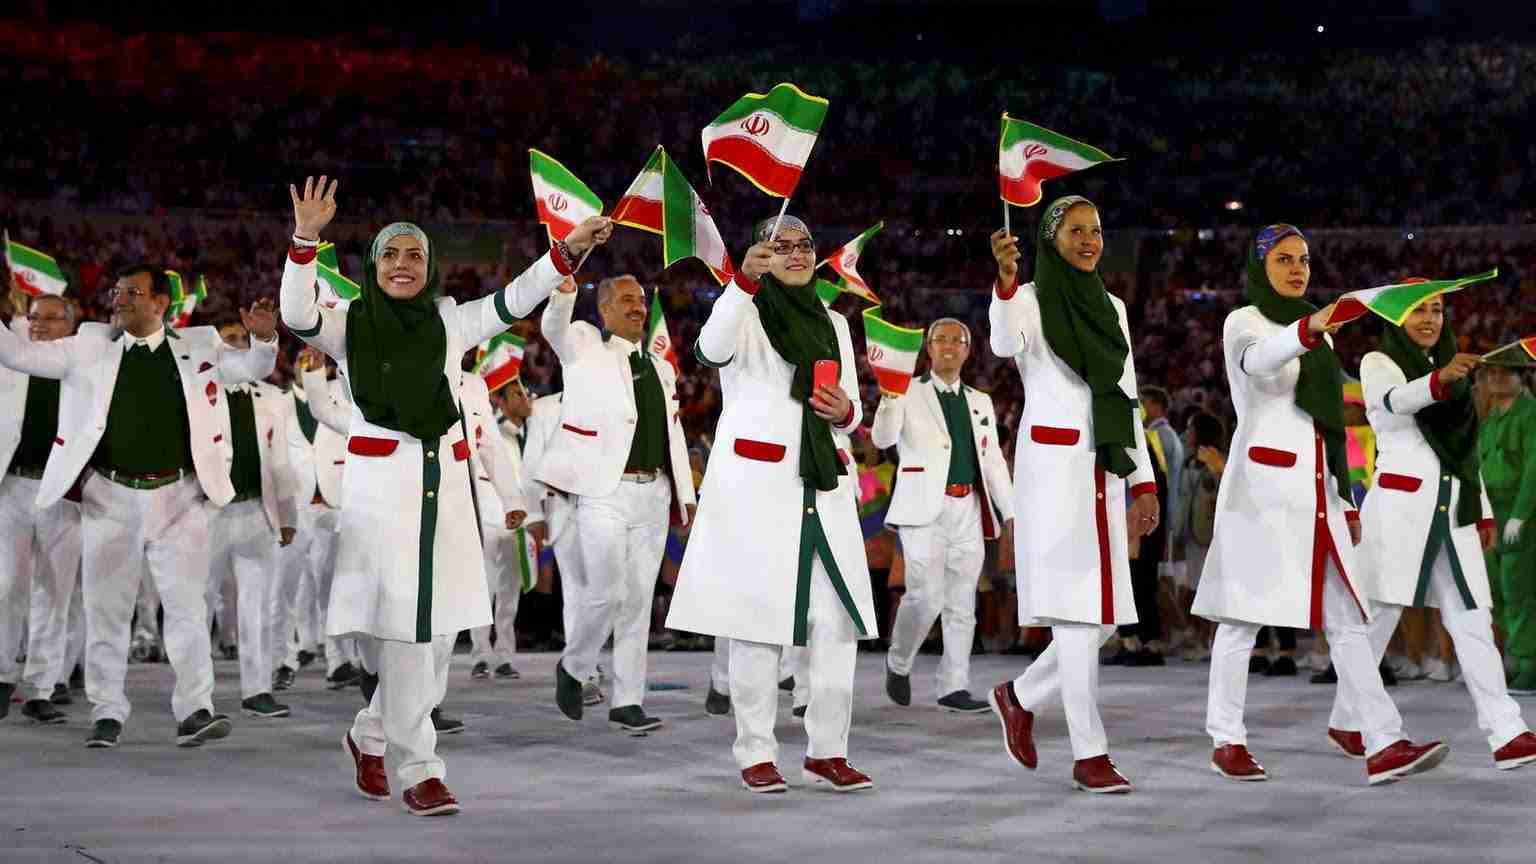 نگاهی به عملکرد کاروان پارالمپیک ریو